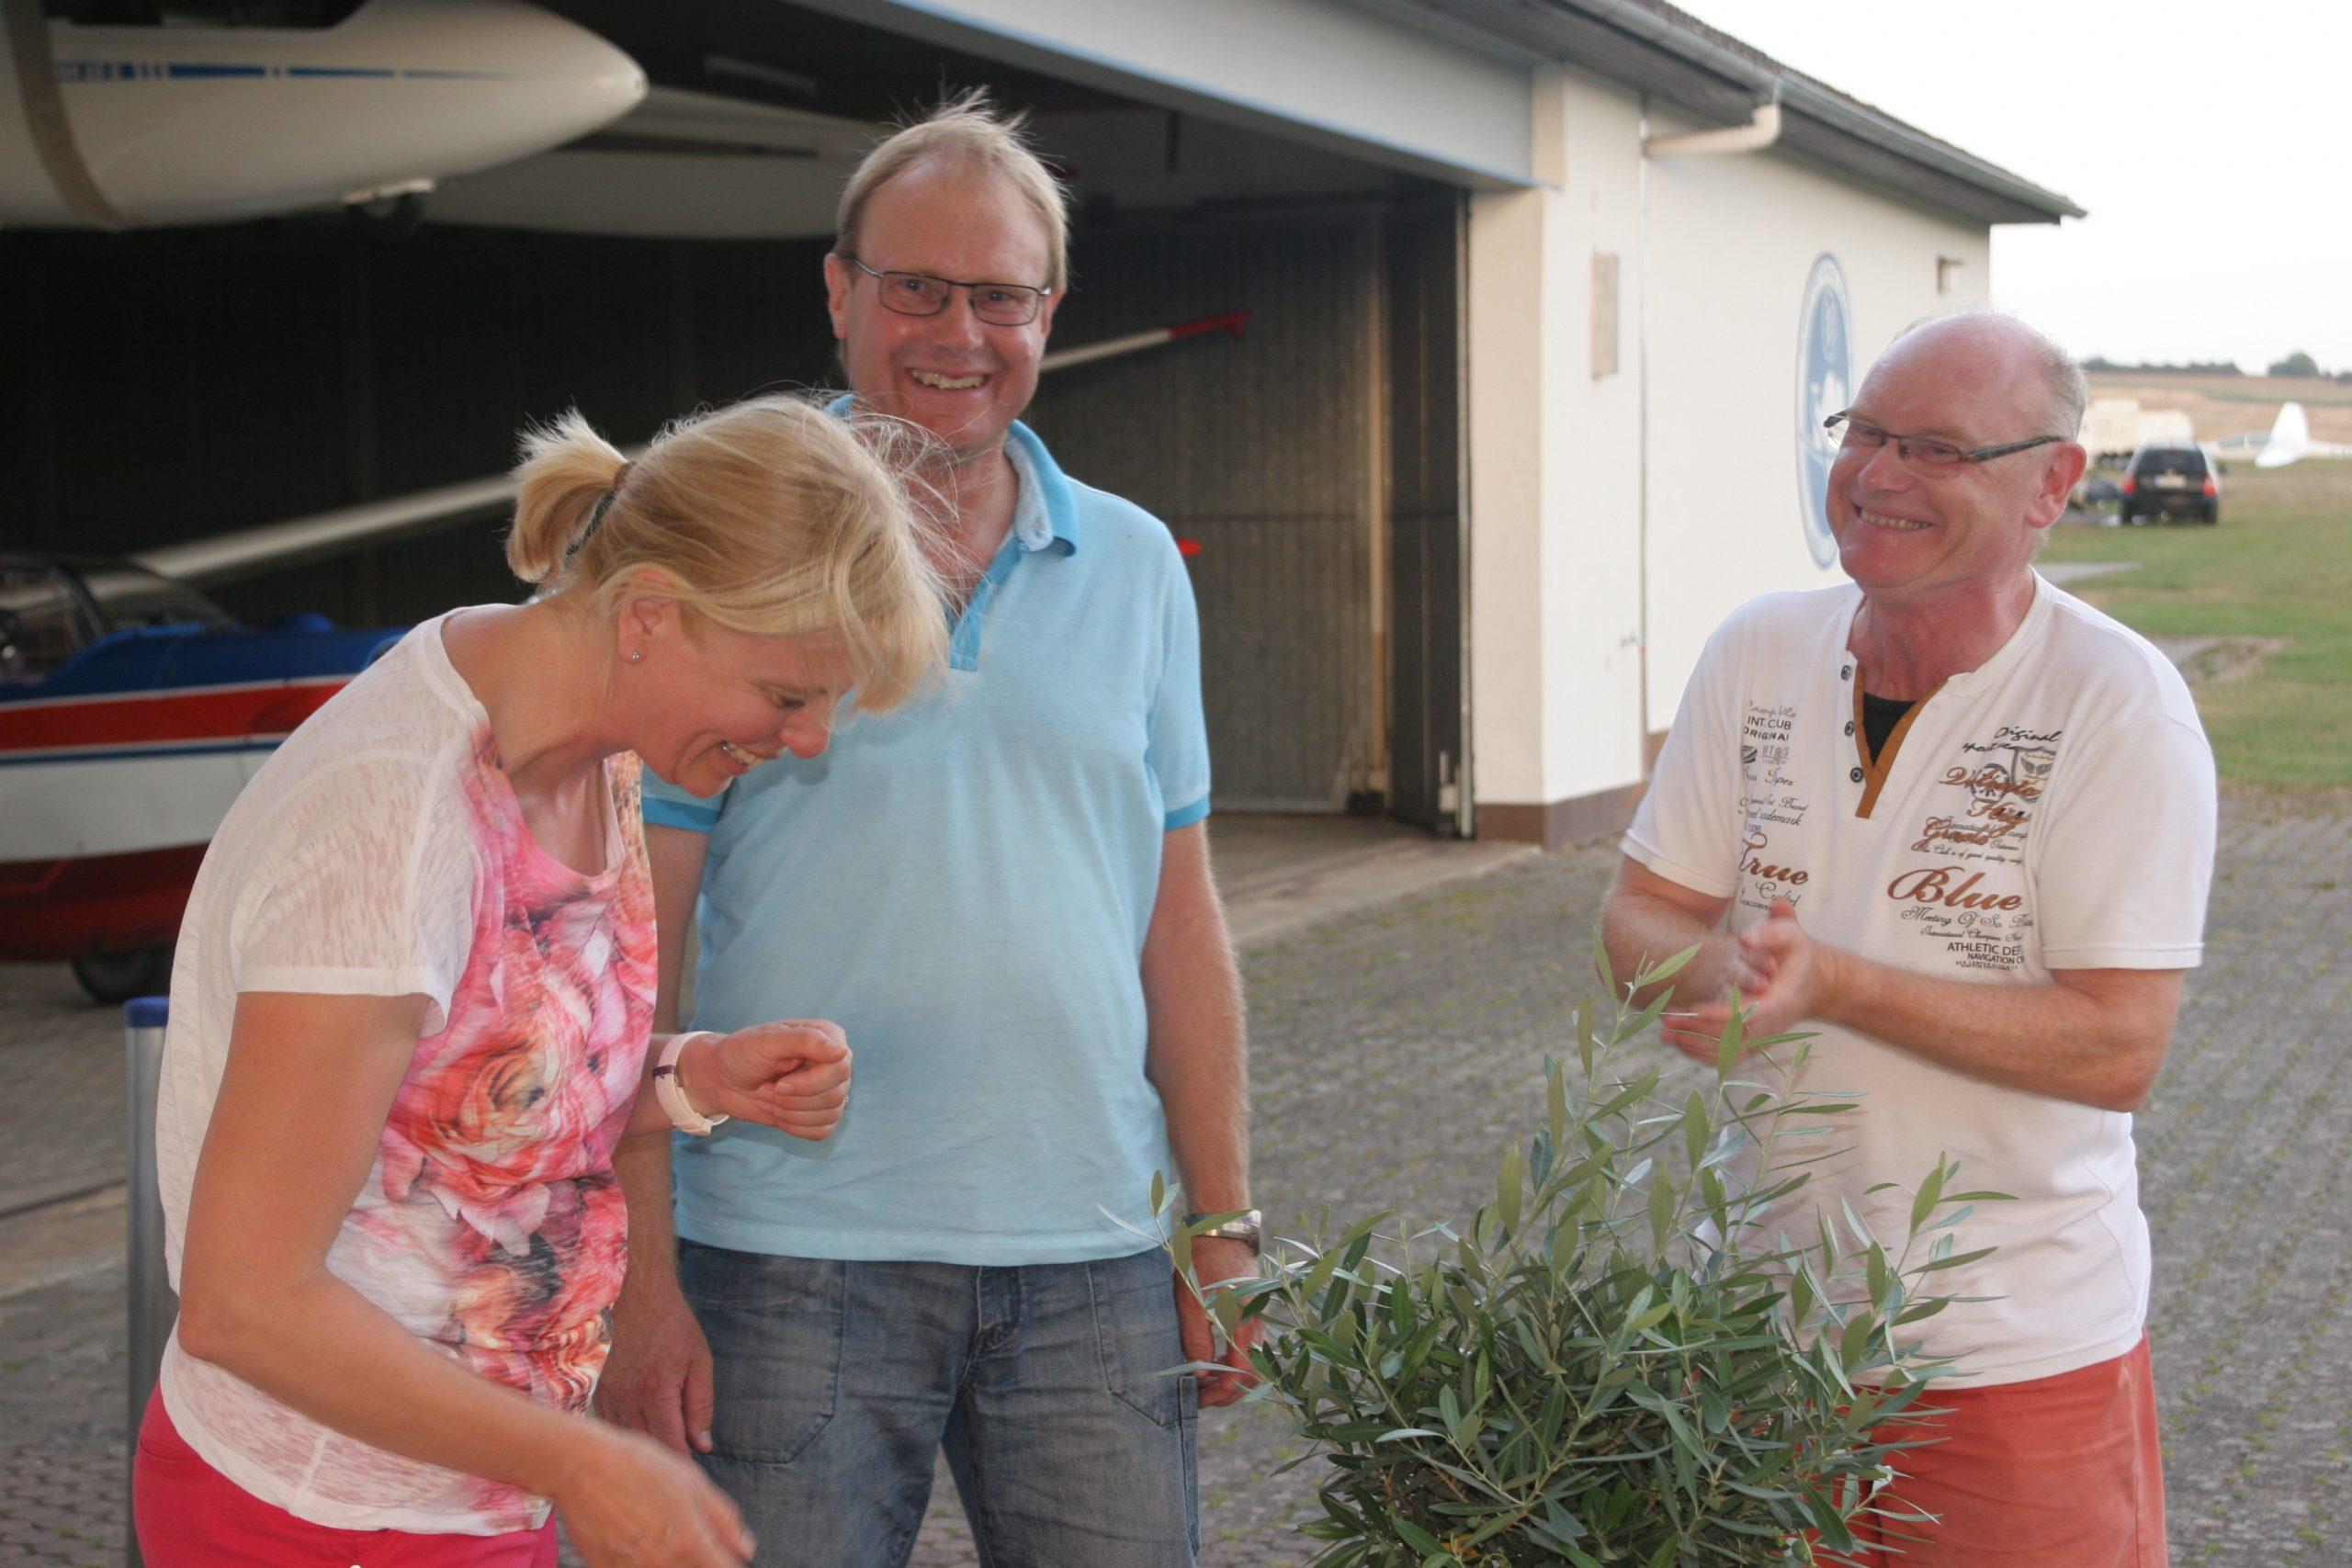 Armin dankt Edeltrud und Bernhard für die tolle Organisation und Verpflegung